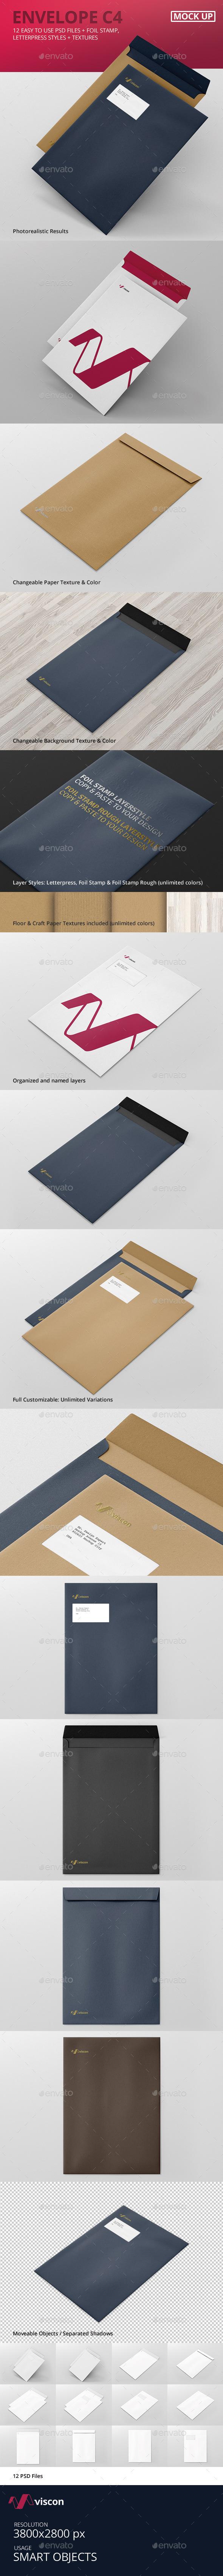 GraphicRiver Envelope C4 Mock-Ups 10796167